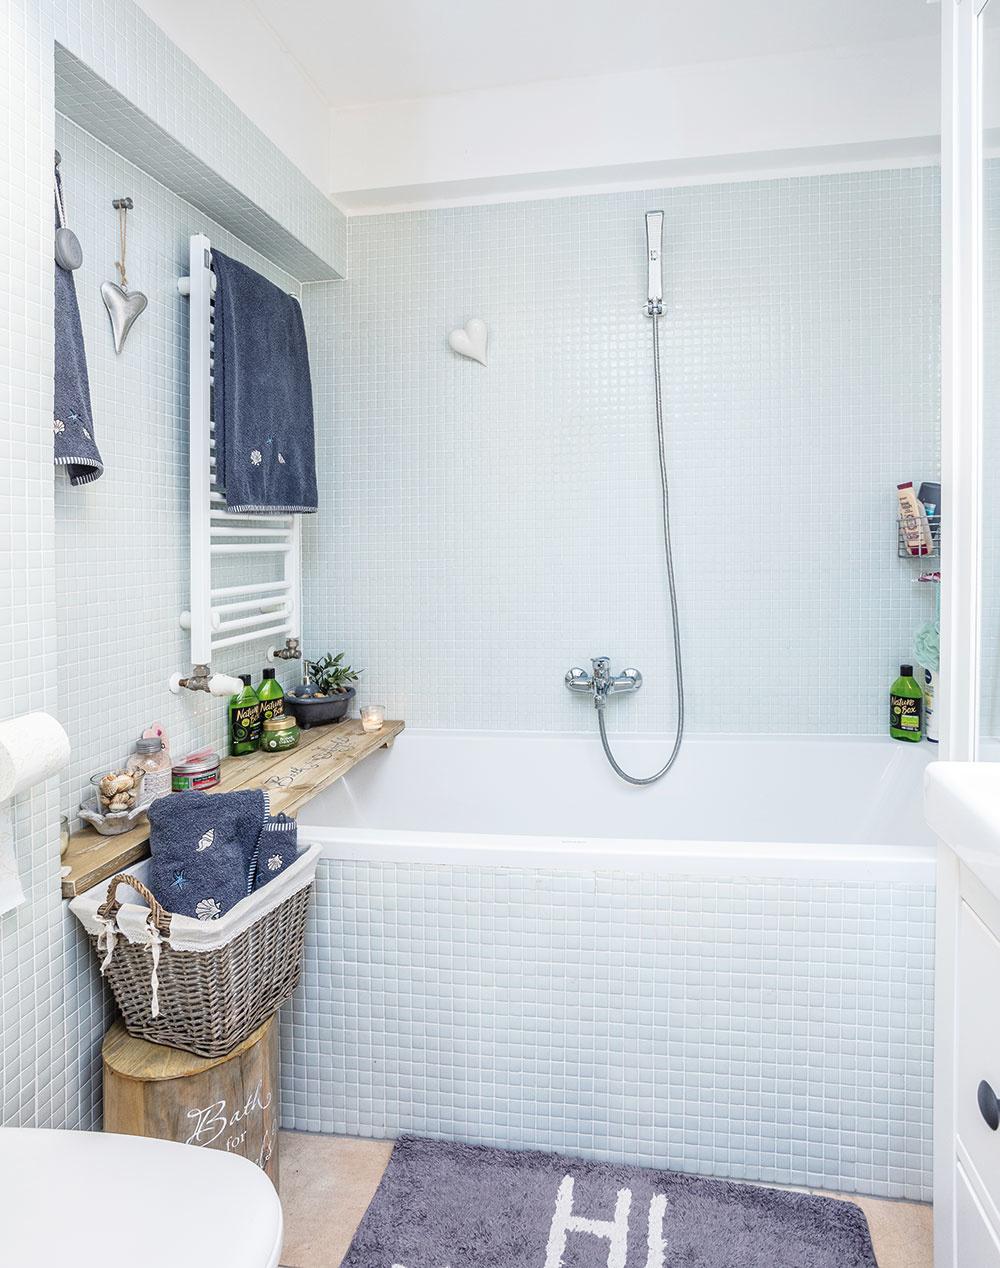 Kúpeľňa obložená nežnou bielou mozaikou,